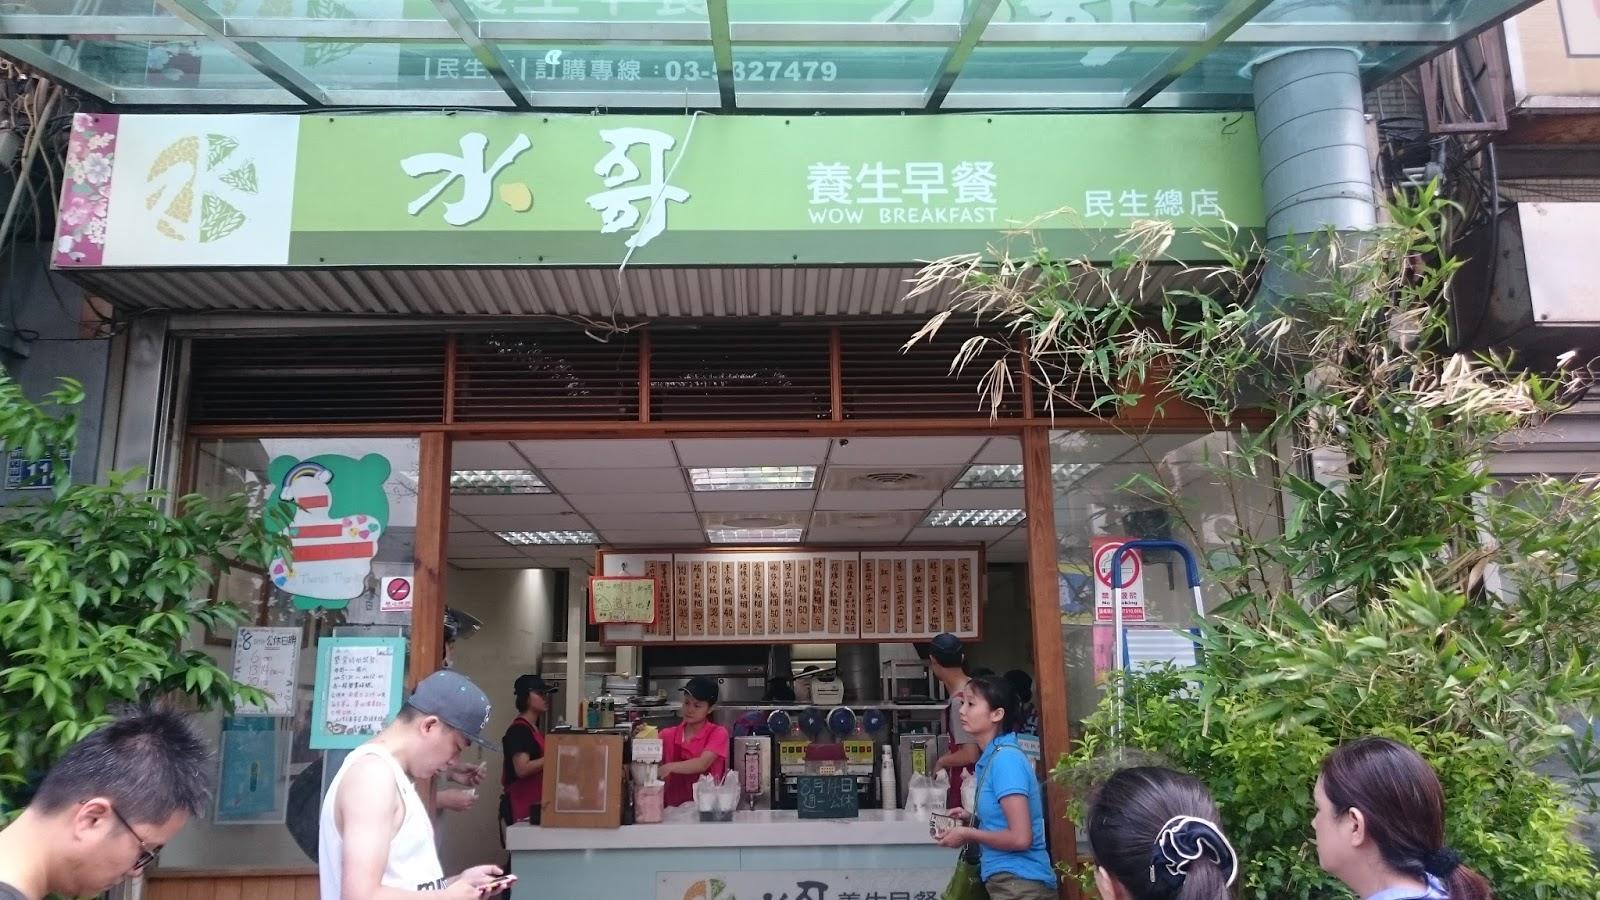 新竹X飯糰 -- 水哥早餐飯糰 - 蘋果的背包食堂